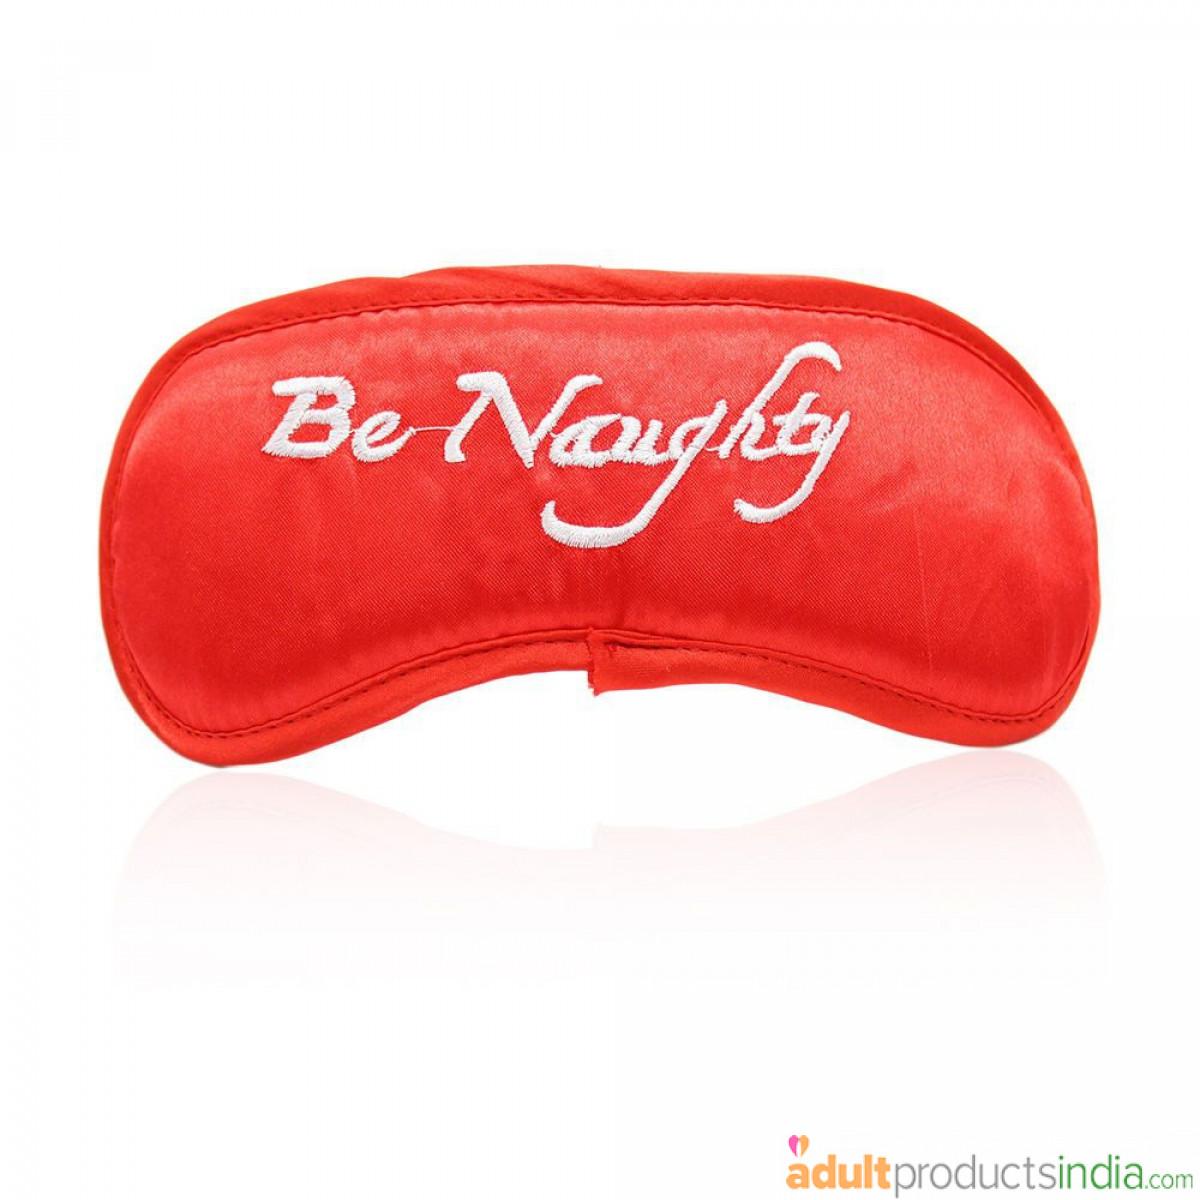 Be Naughty Eye Mask